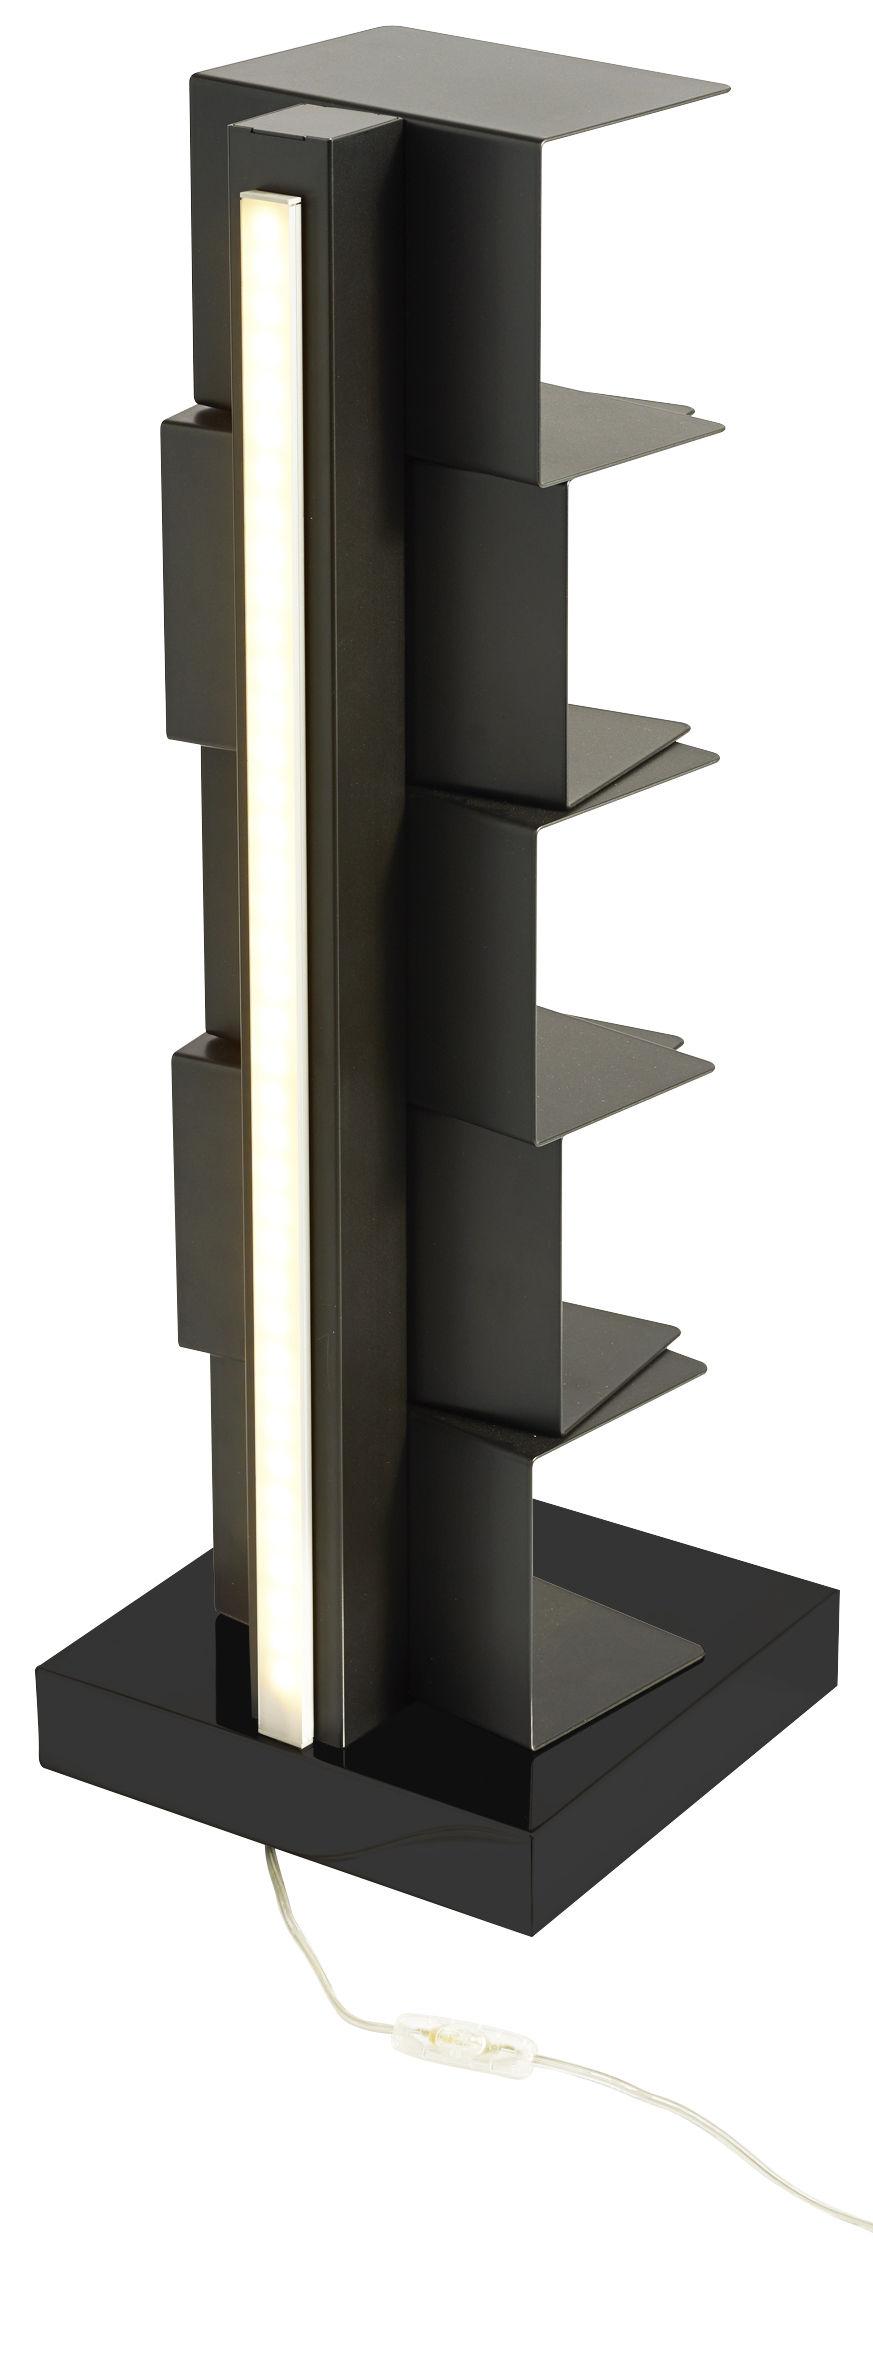 Möbel - Regale und Bücherregale - Ptolomeo Luce Beleuchtetes Bücherregal / LED - H 72 cm - Opinion Ciatti - Schwarz - lackierter Stahl